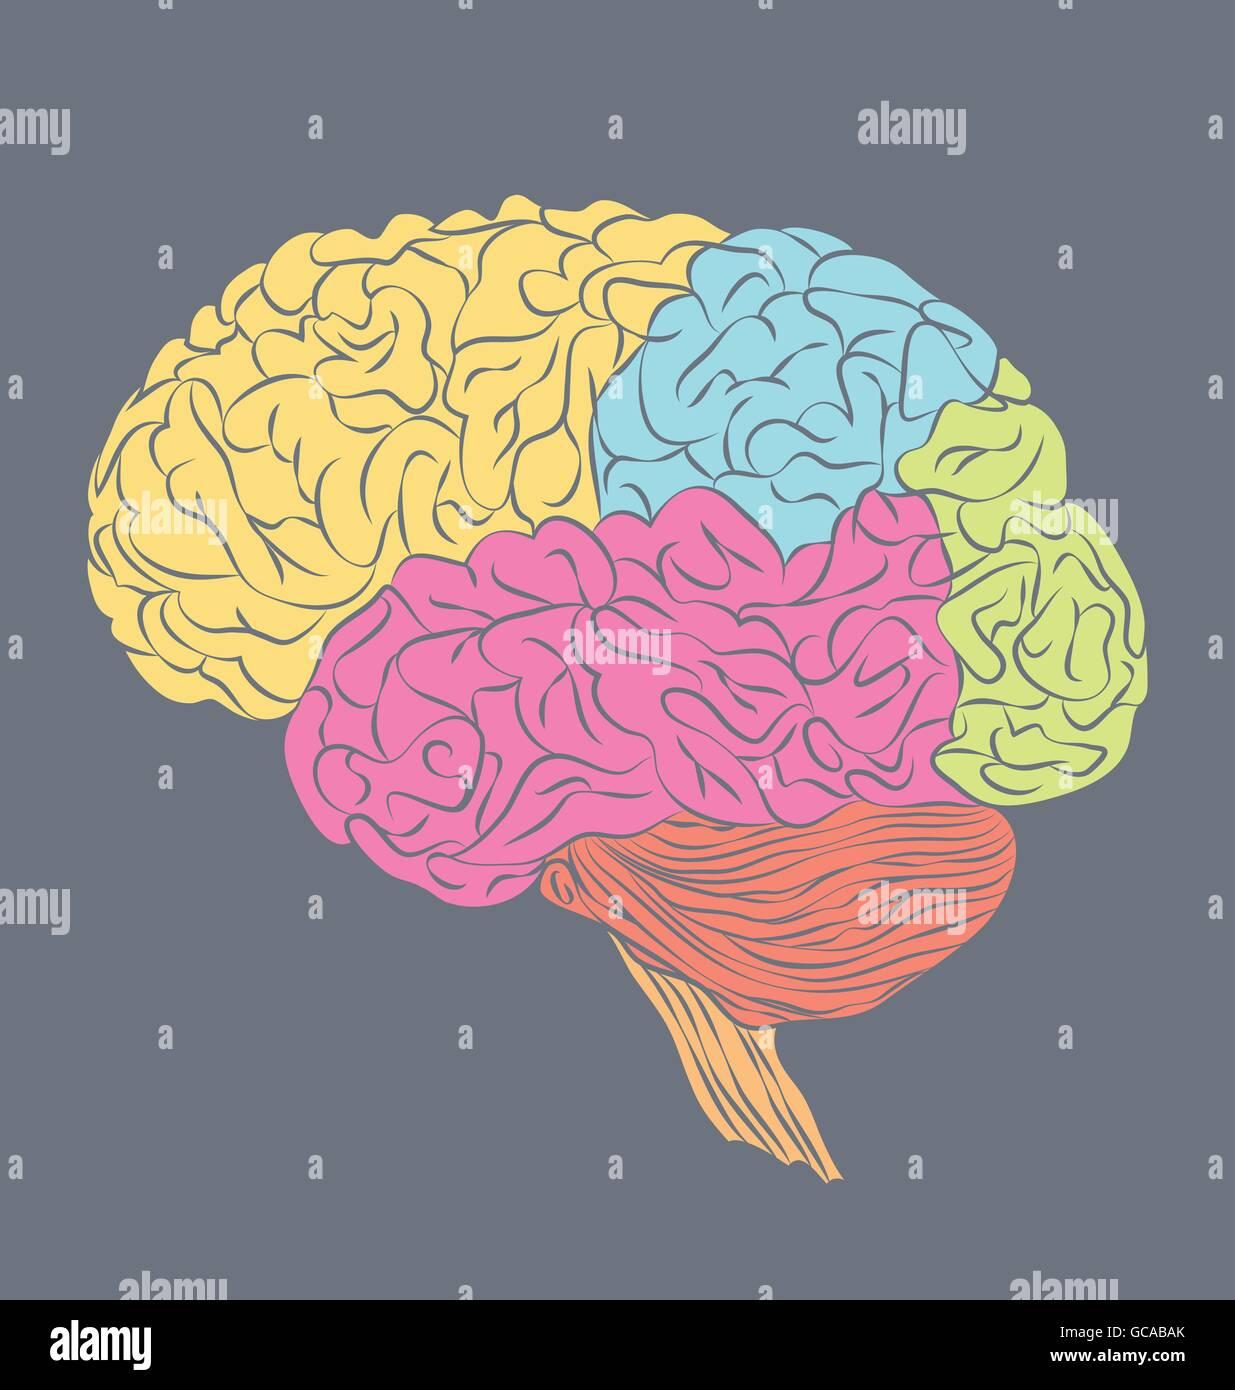 Fantastisch Oberflächenanatomie Des Gehirns Zeitgenössisch ...